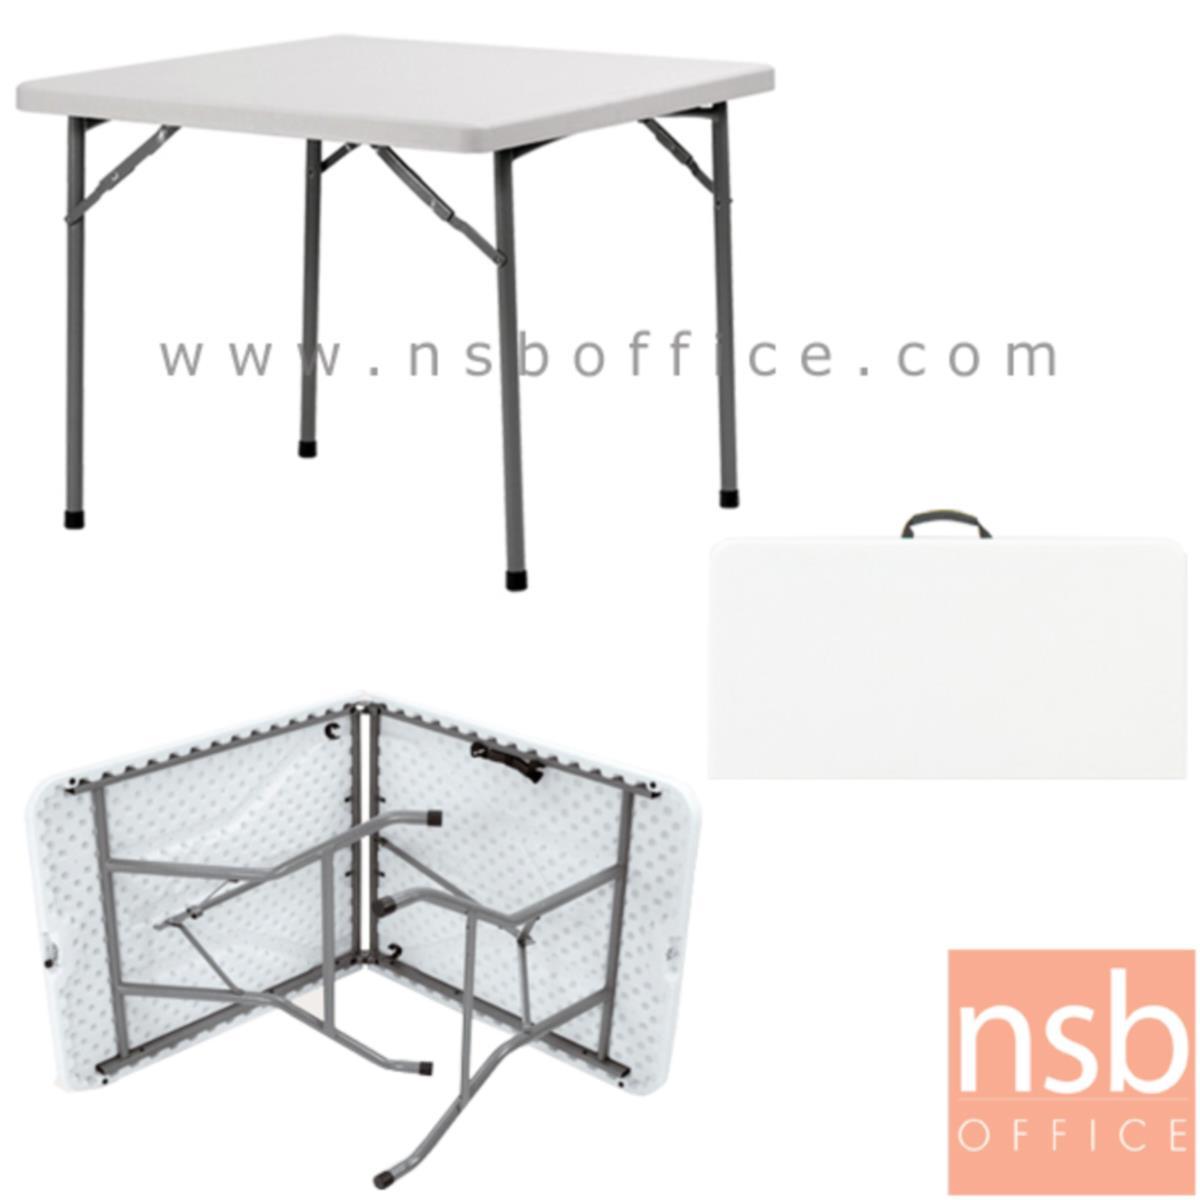 โต๊ะพับหน้าพลาสติก รุ่น Percival (เพอร์ซีเวล) ขนาด 94W cm.  โครงเหล็ก